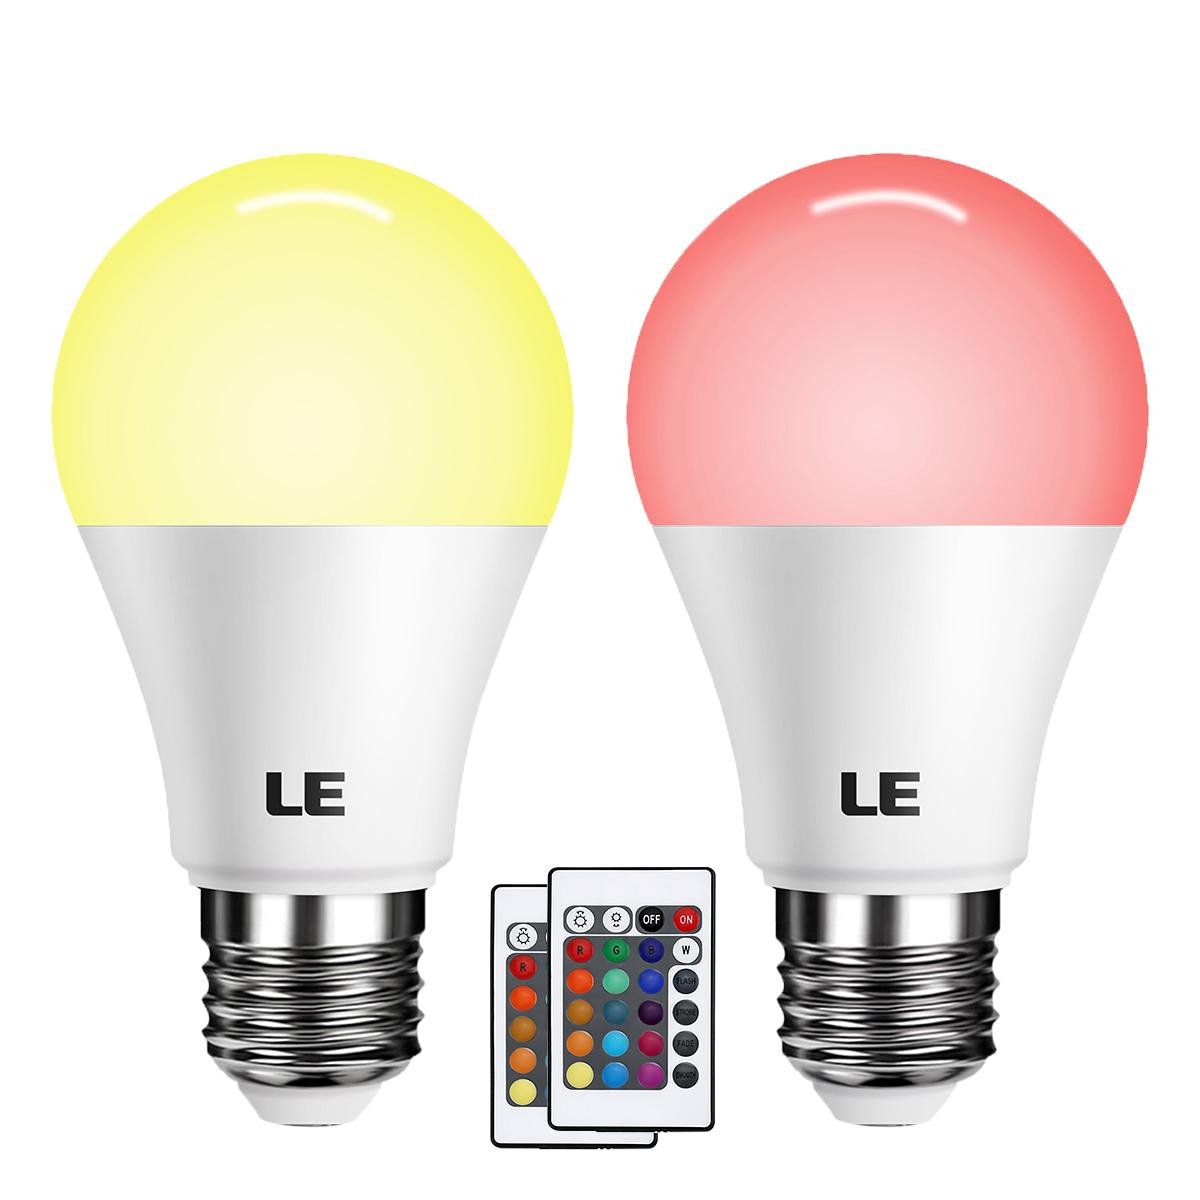 6W RGB E27 LED Lampen, Farbwechsel, Dimmbar, A60 LED Birnen,  Fernbedienung inklusive, LED Leuchtmittel, Stimmungslicht, 2er Set